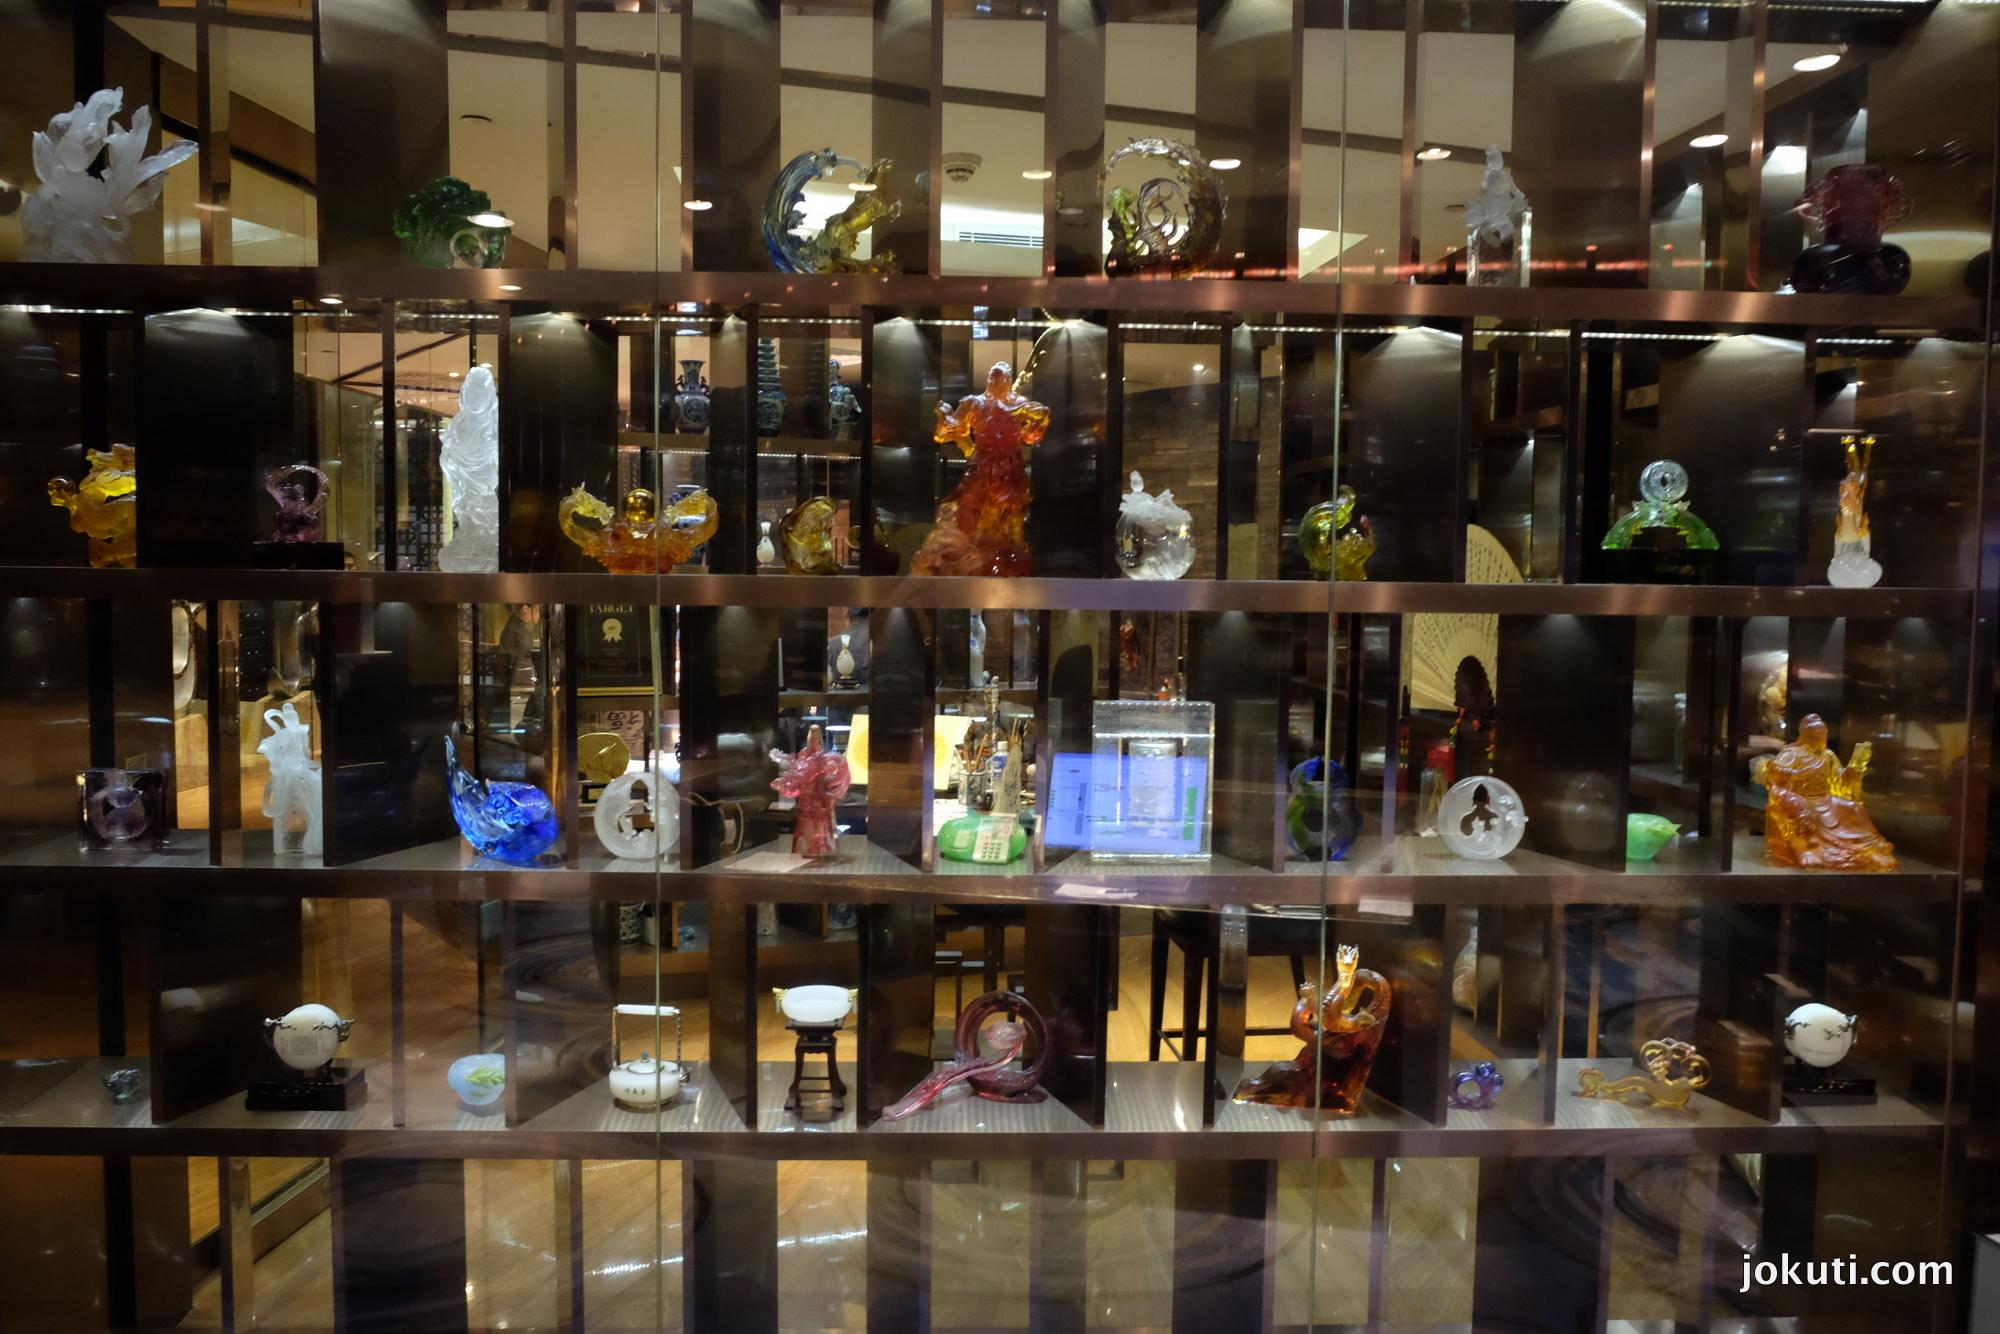 dscf6972_jade_dragon_restaurant_cantonese_chinese_michelin_macau_makao_china_kinai_vilagevo_jokuti.jpg